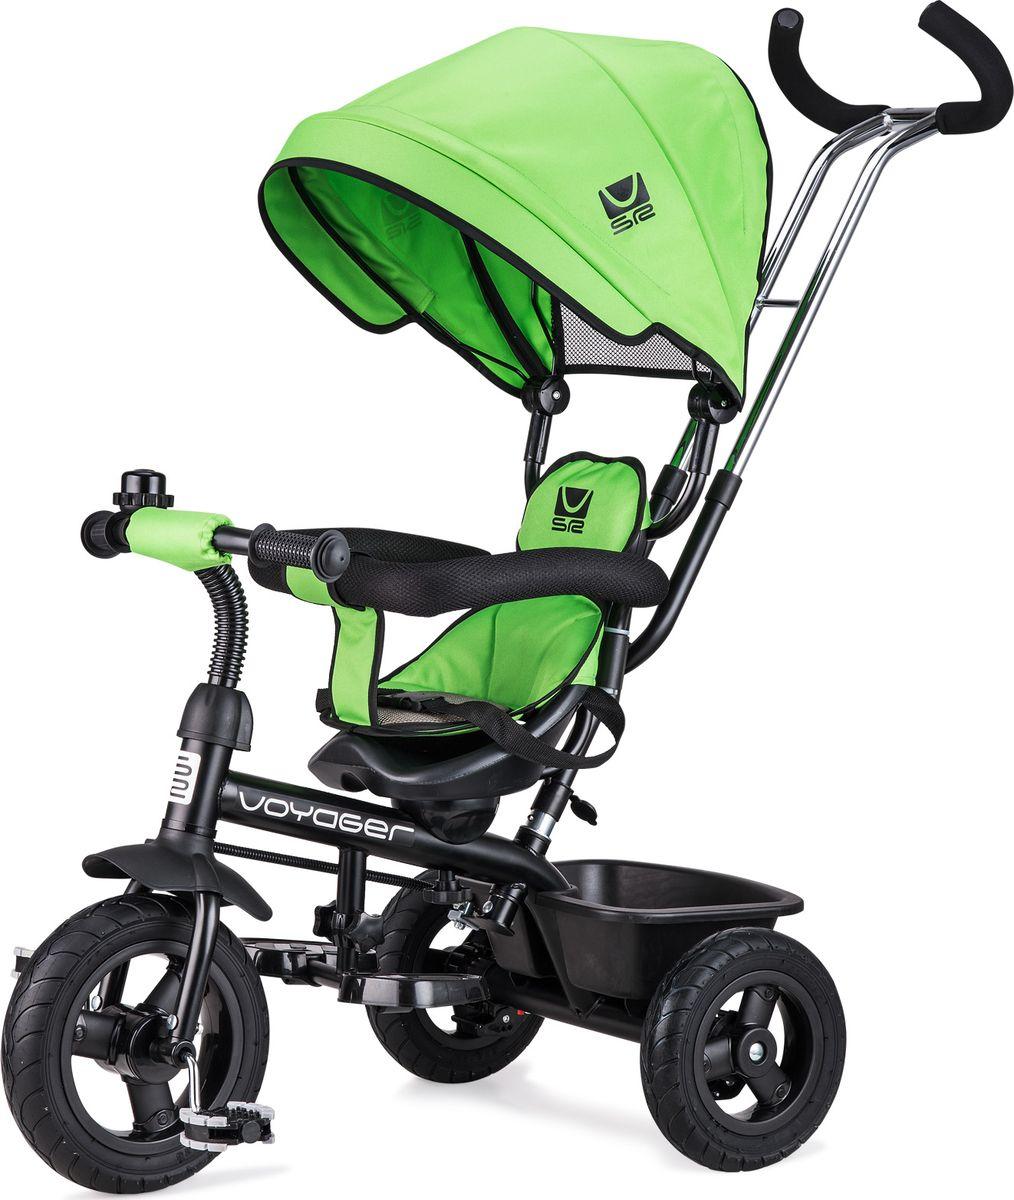 Small Rider Велосипед трехколесный Voyager цвет зеленый - Велосипеды-каталки